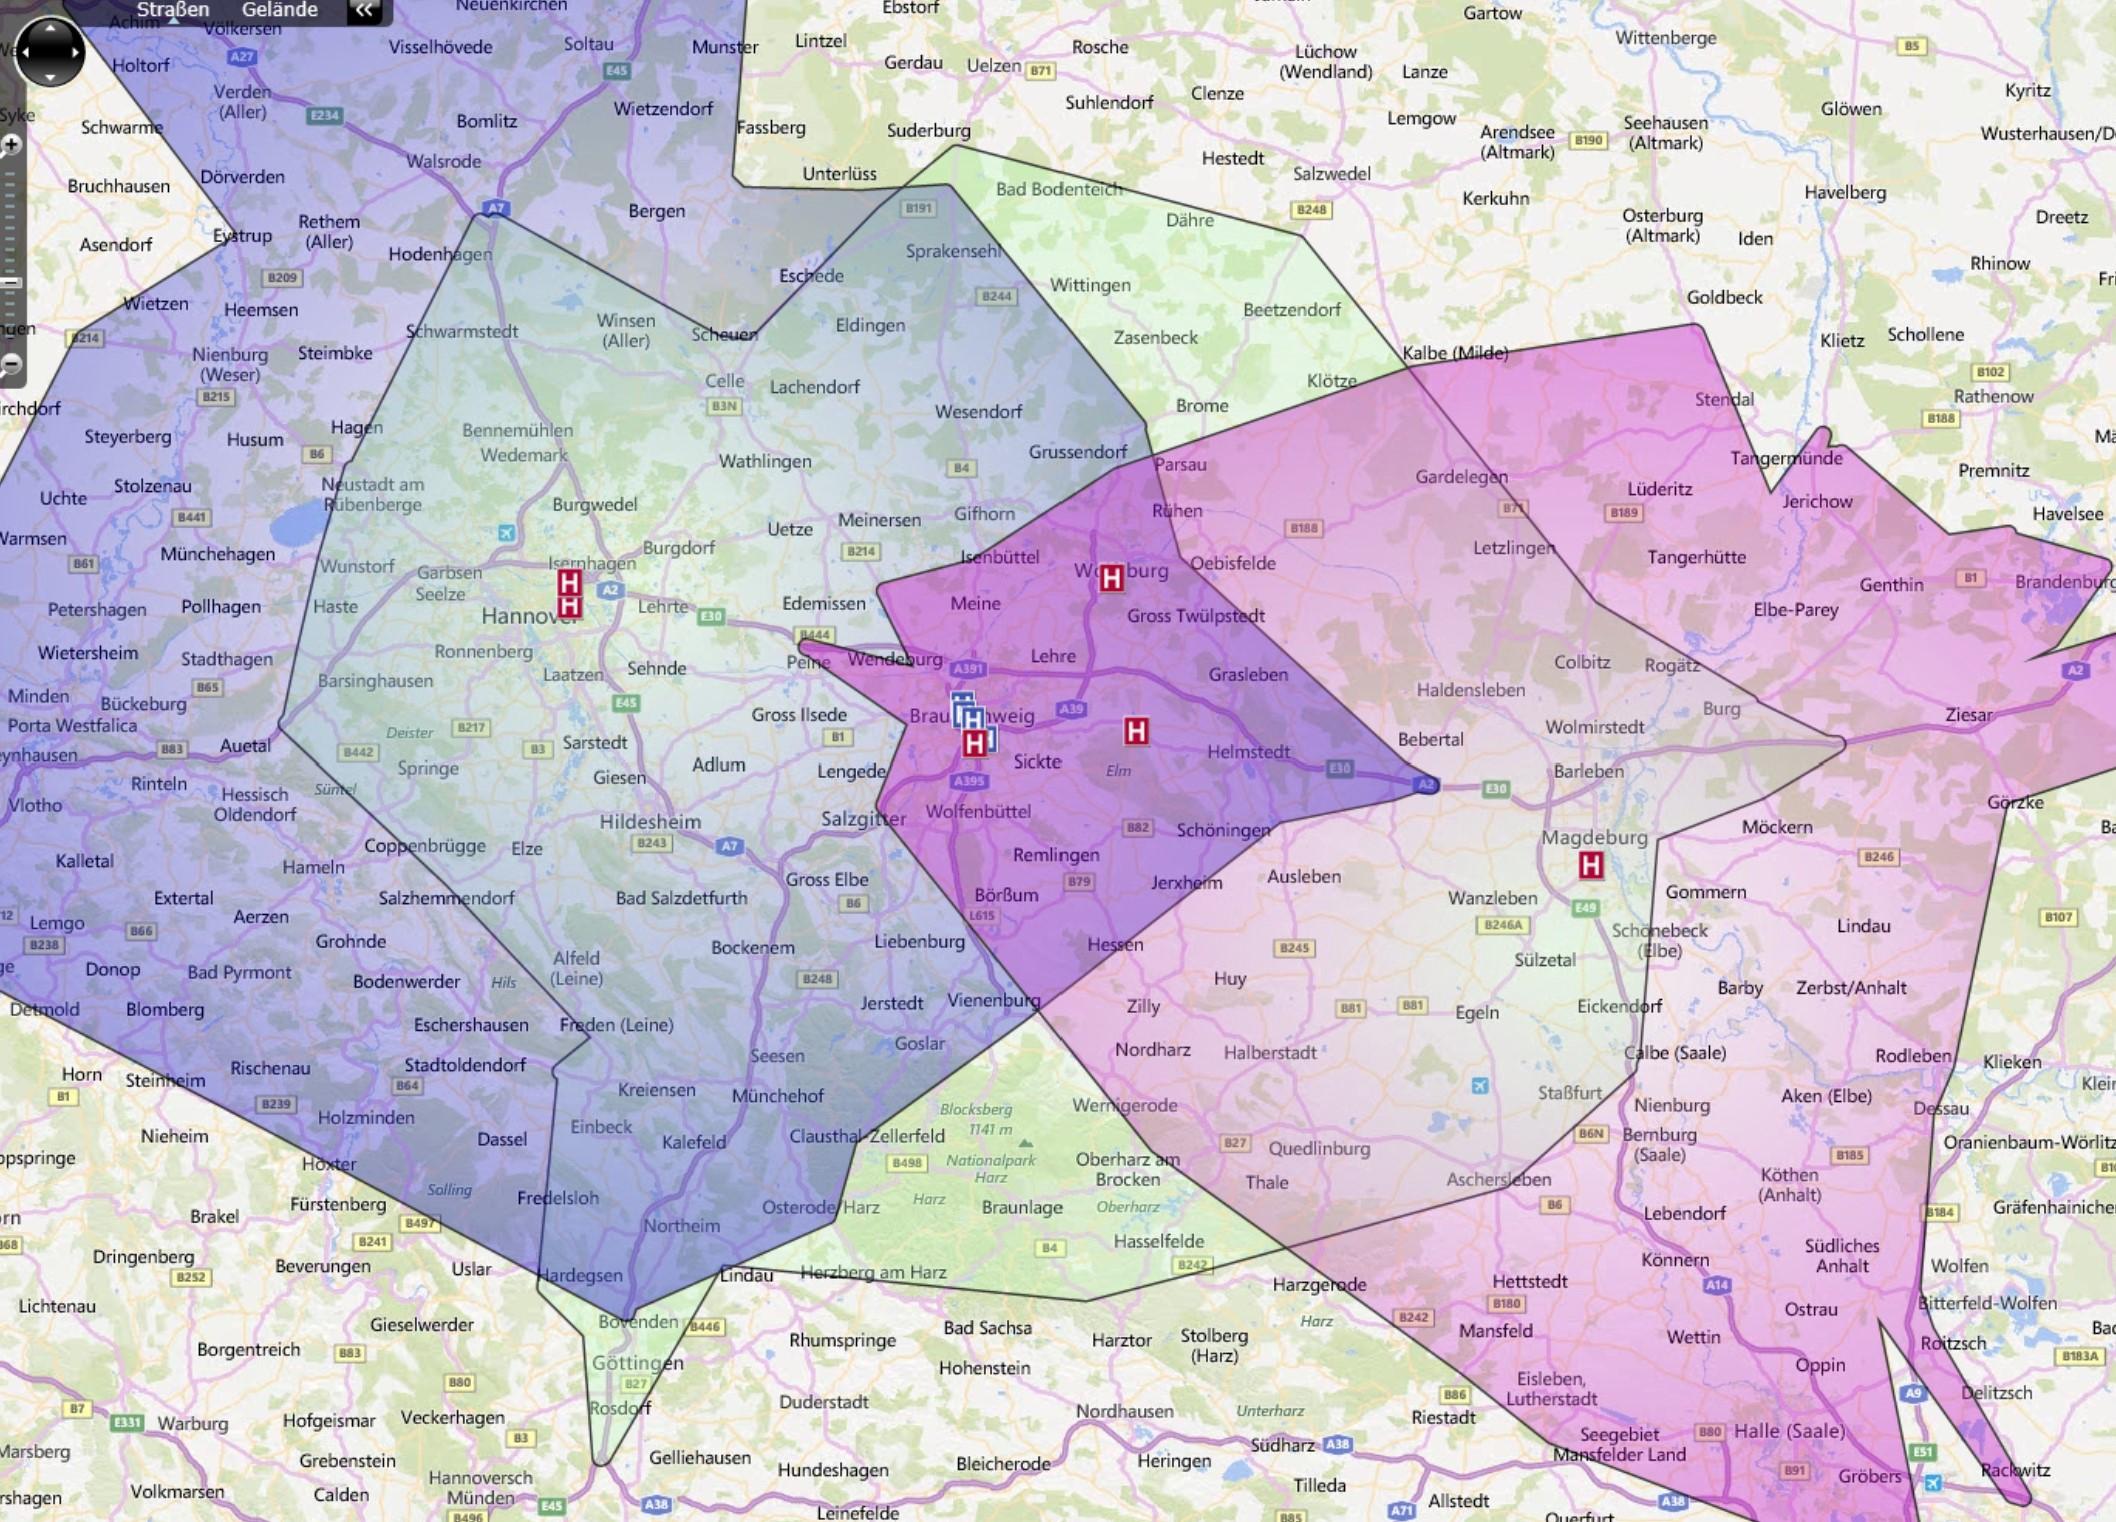 Individuell berechnete Fahrzeitpolygone für mehrere Krankenhaus-Standorte